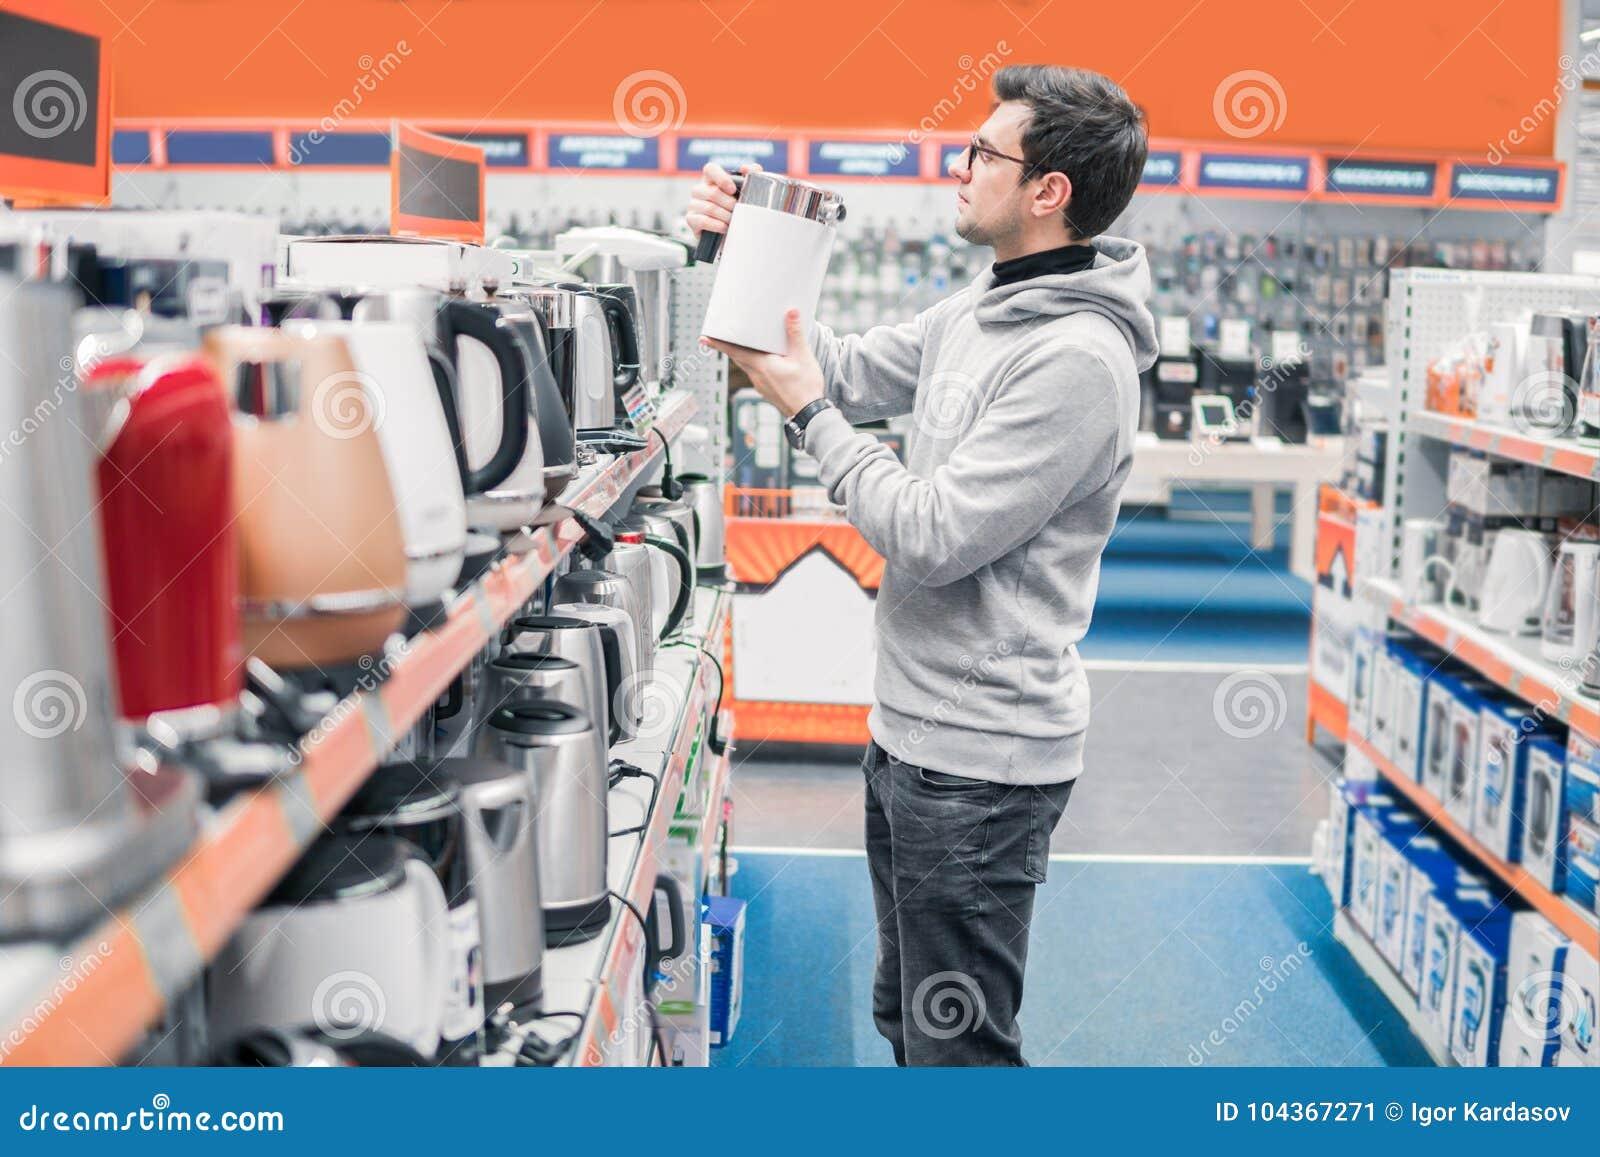 Kunde wählt einen Kessel im Supermarktmall